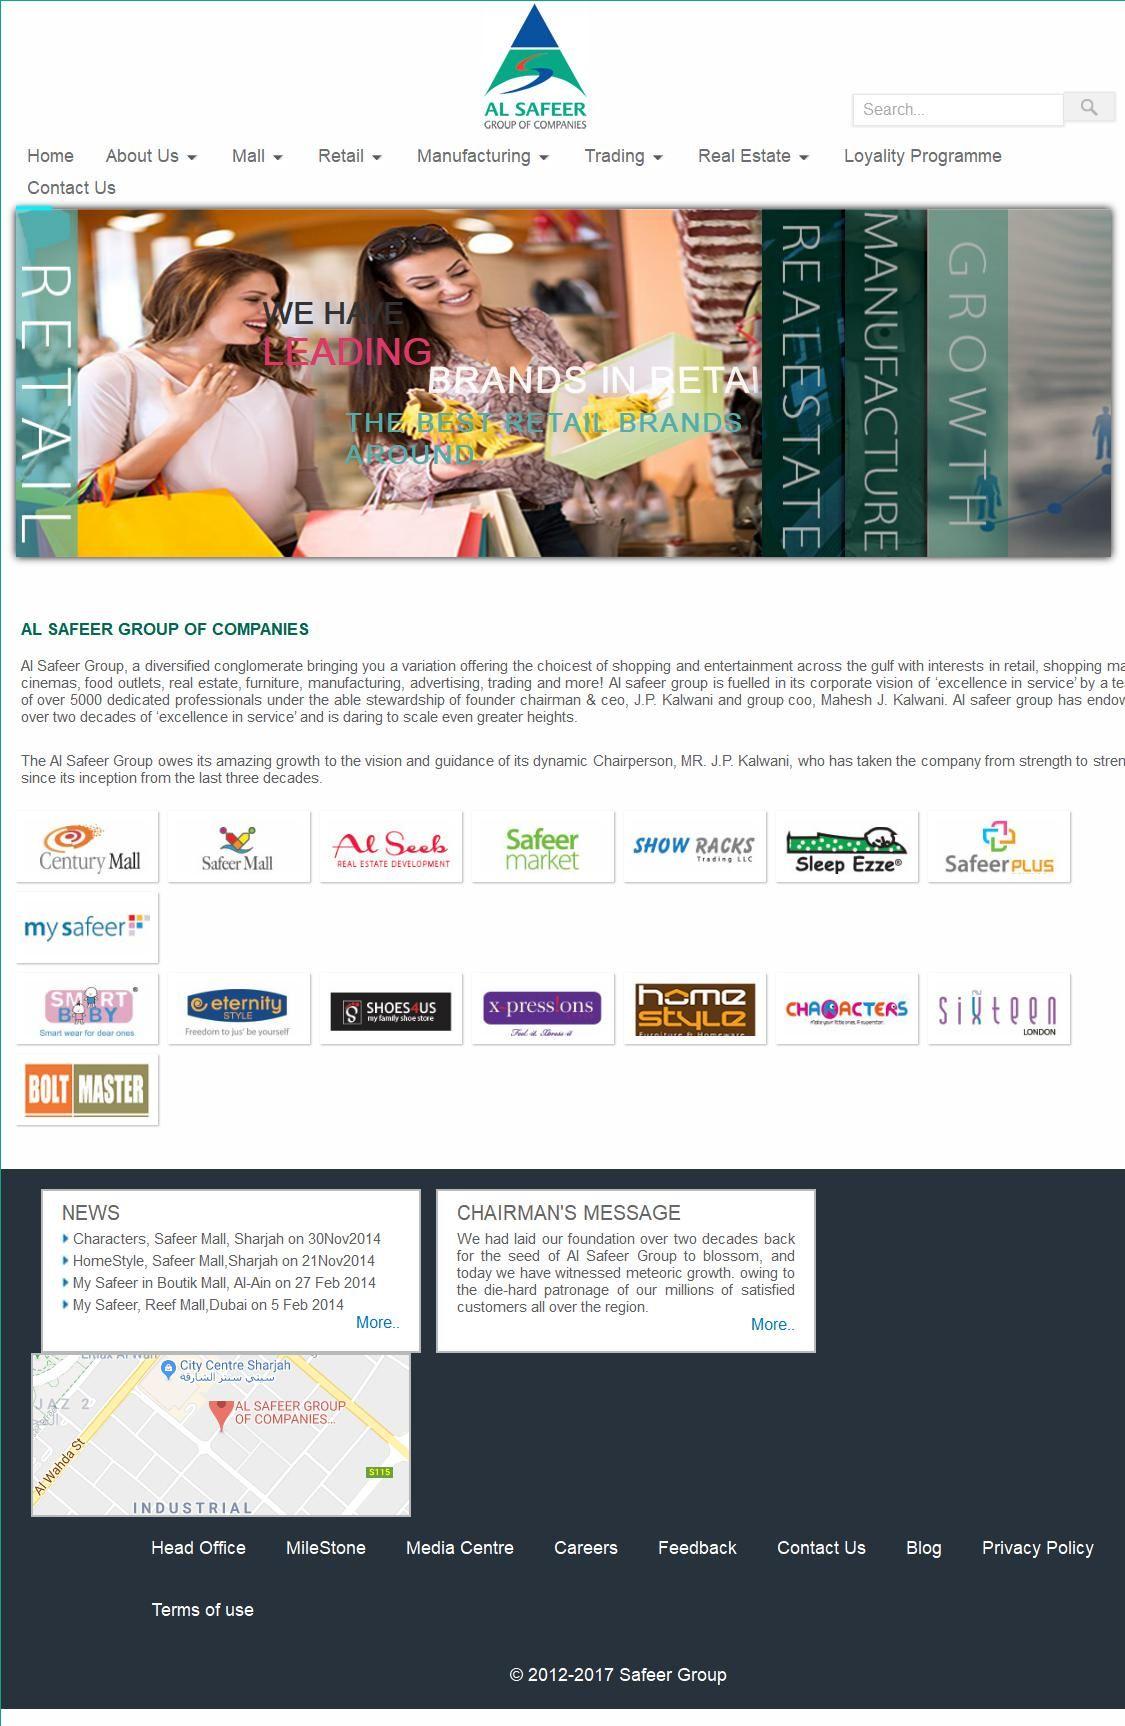 Shoes 4us Shop Safeer Mall, 141/13, Sheikh Khalifa Bin Zayed